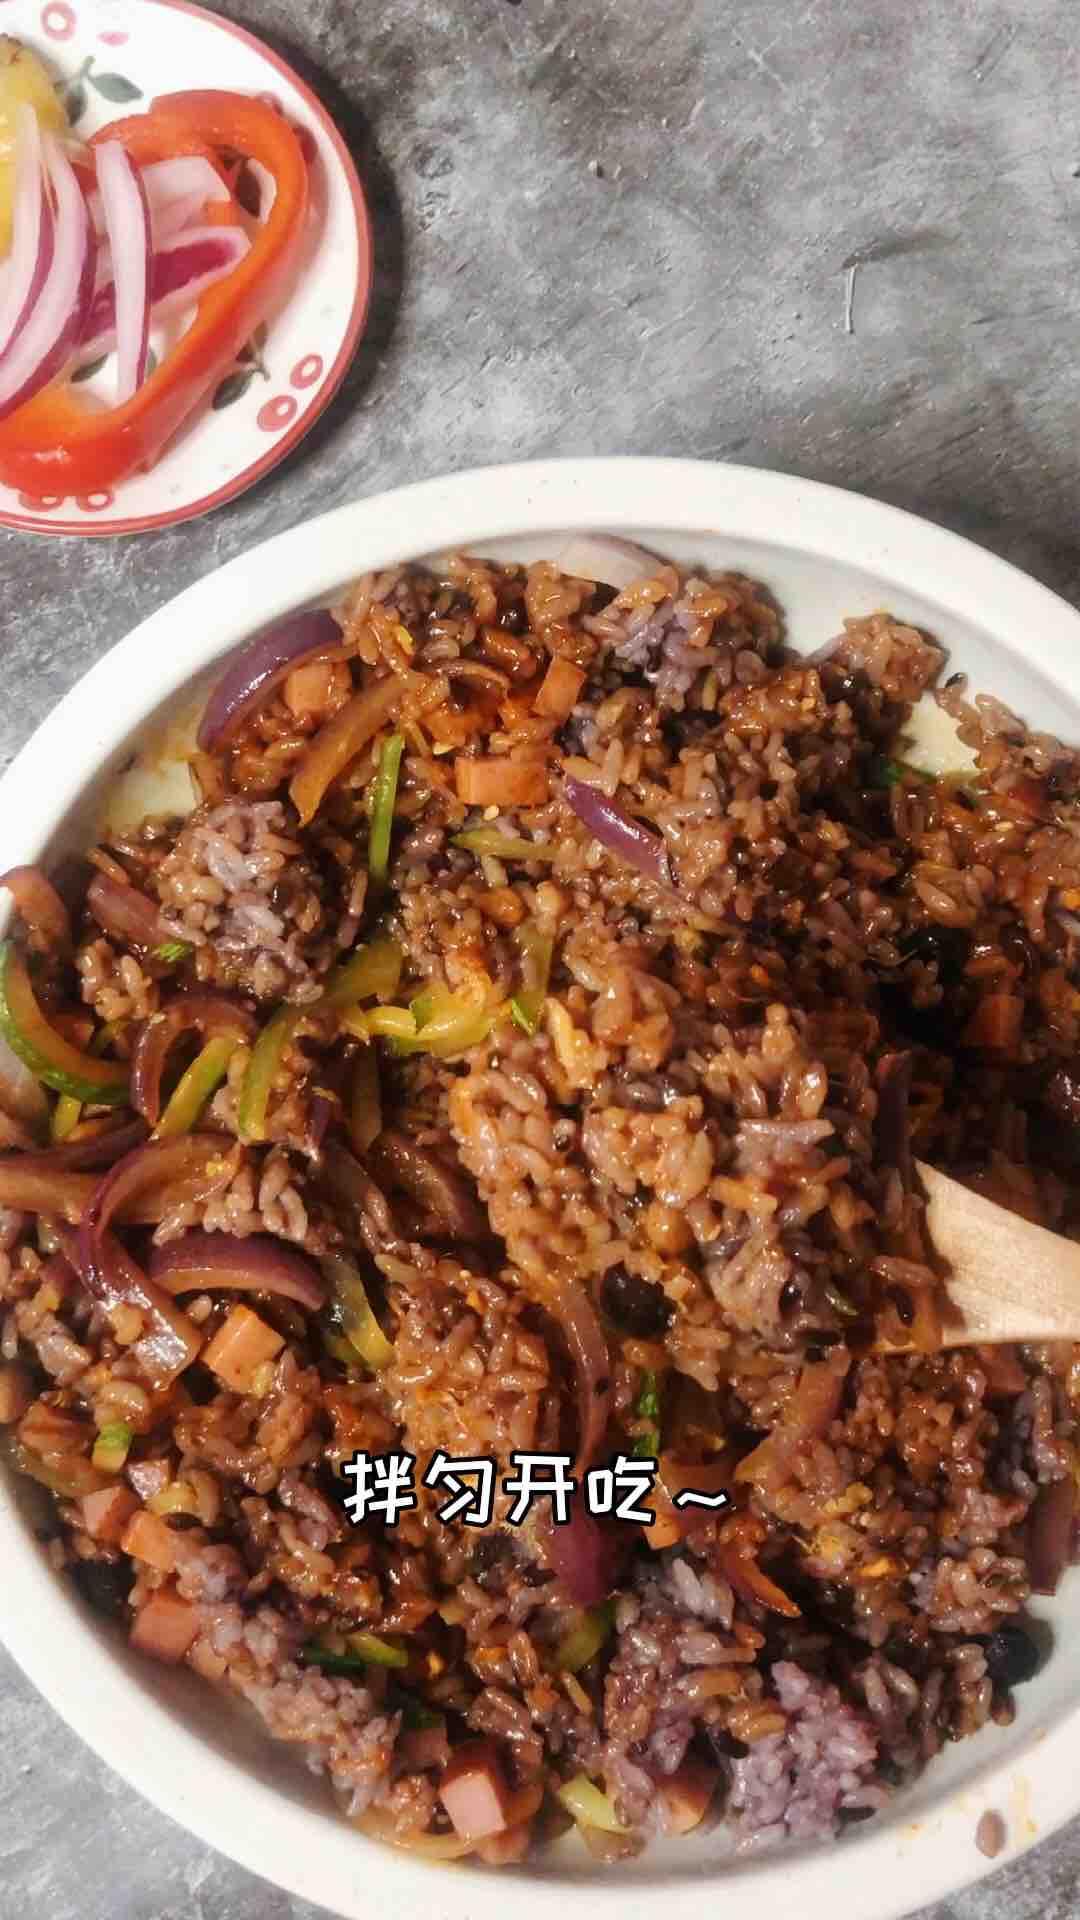 营养多谷米韩式拌饭怎么煮